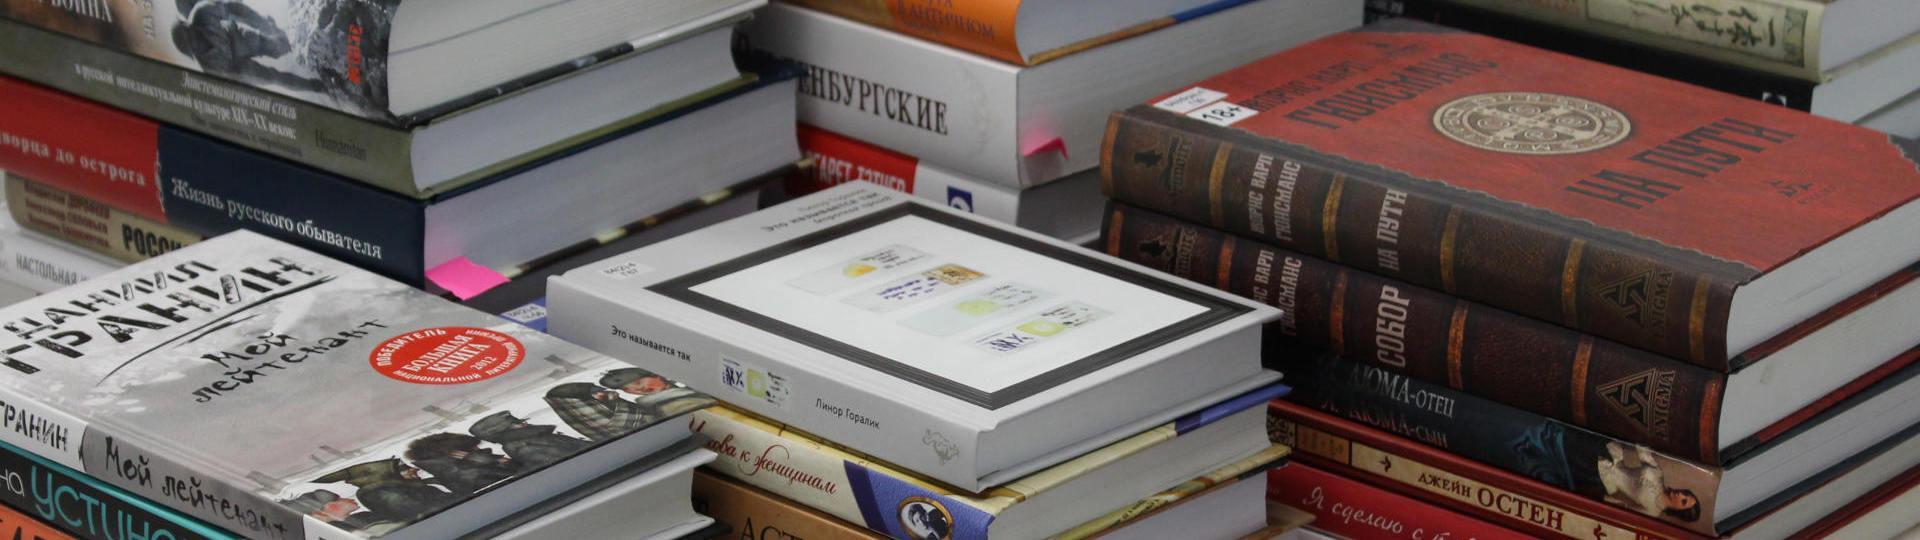 Gedanken zu Rezensionsexemplaren von Büchern